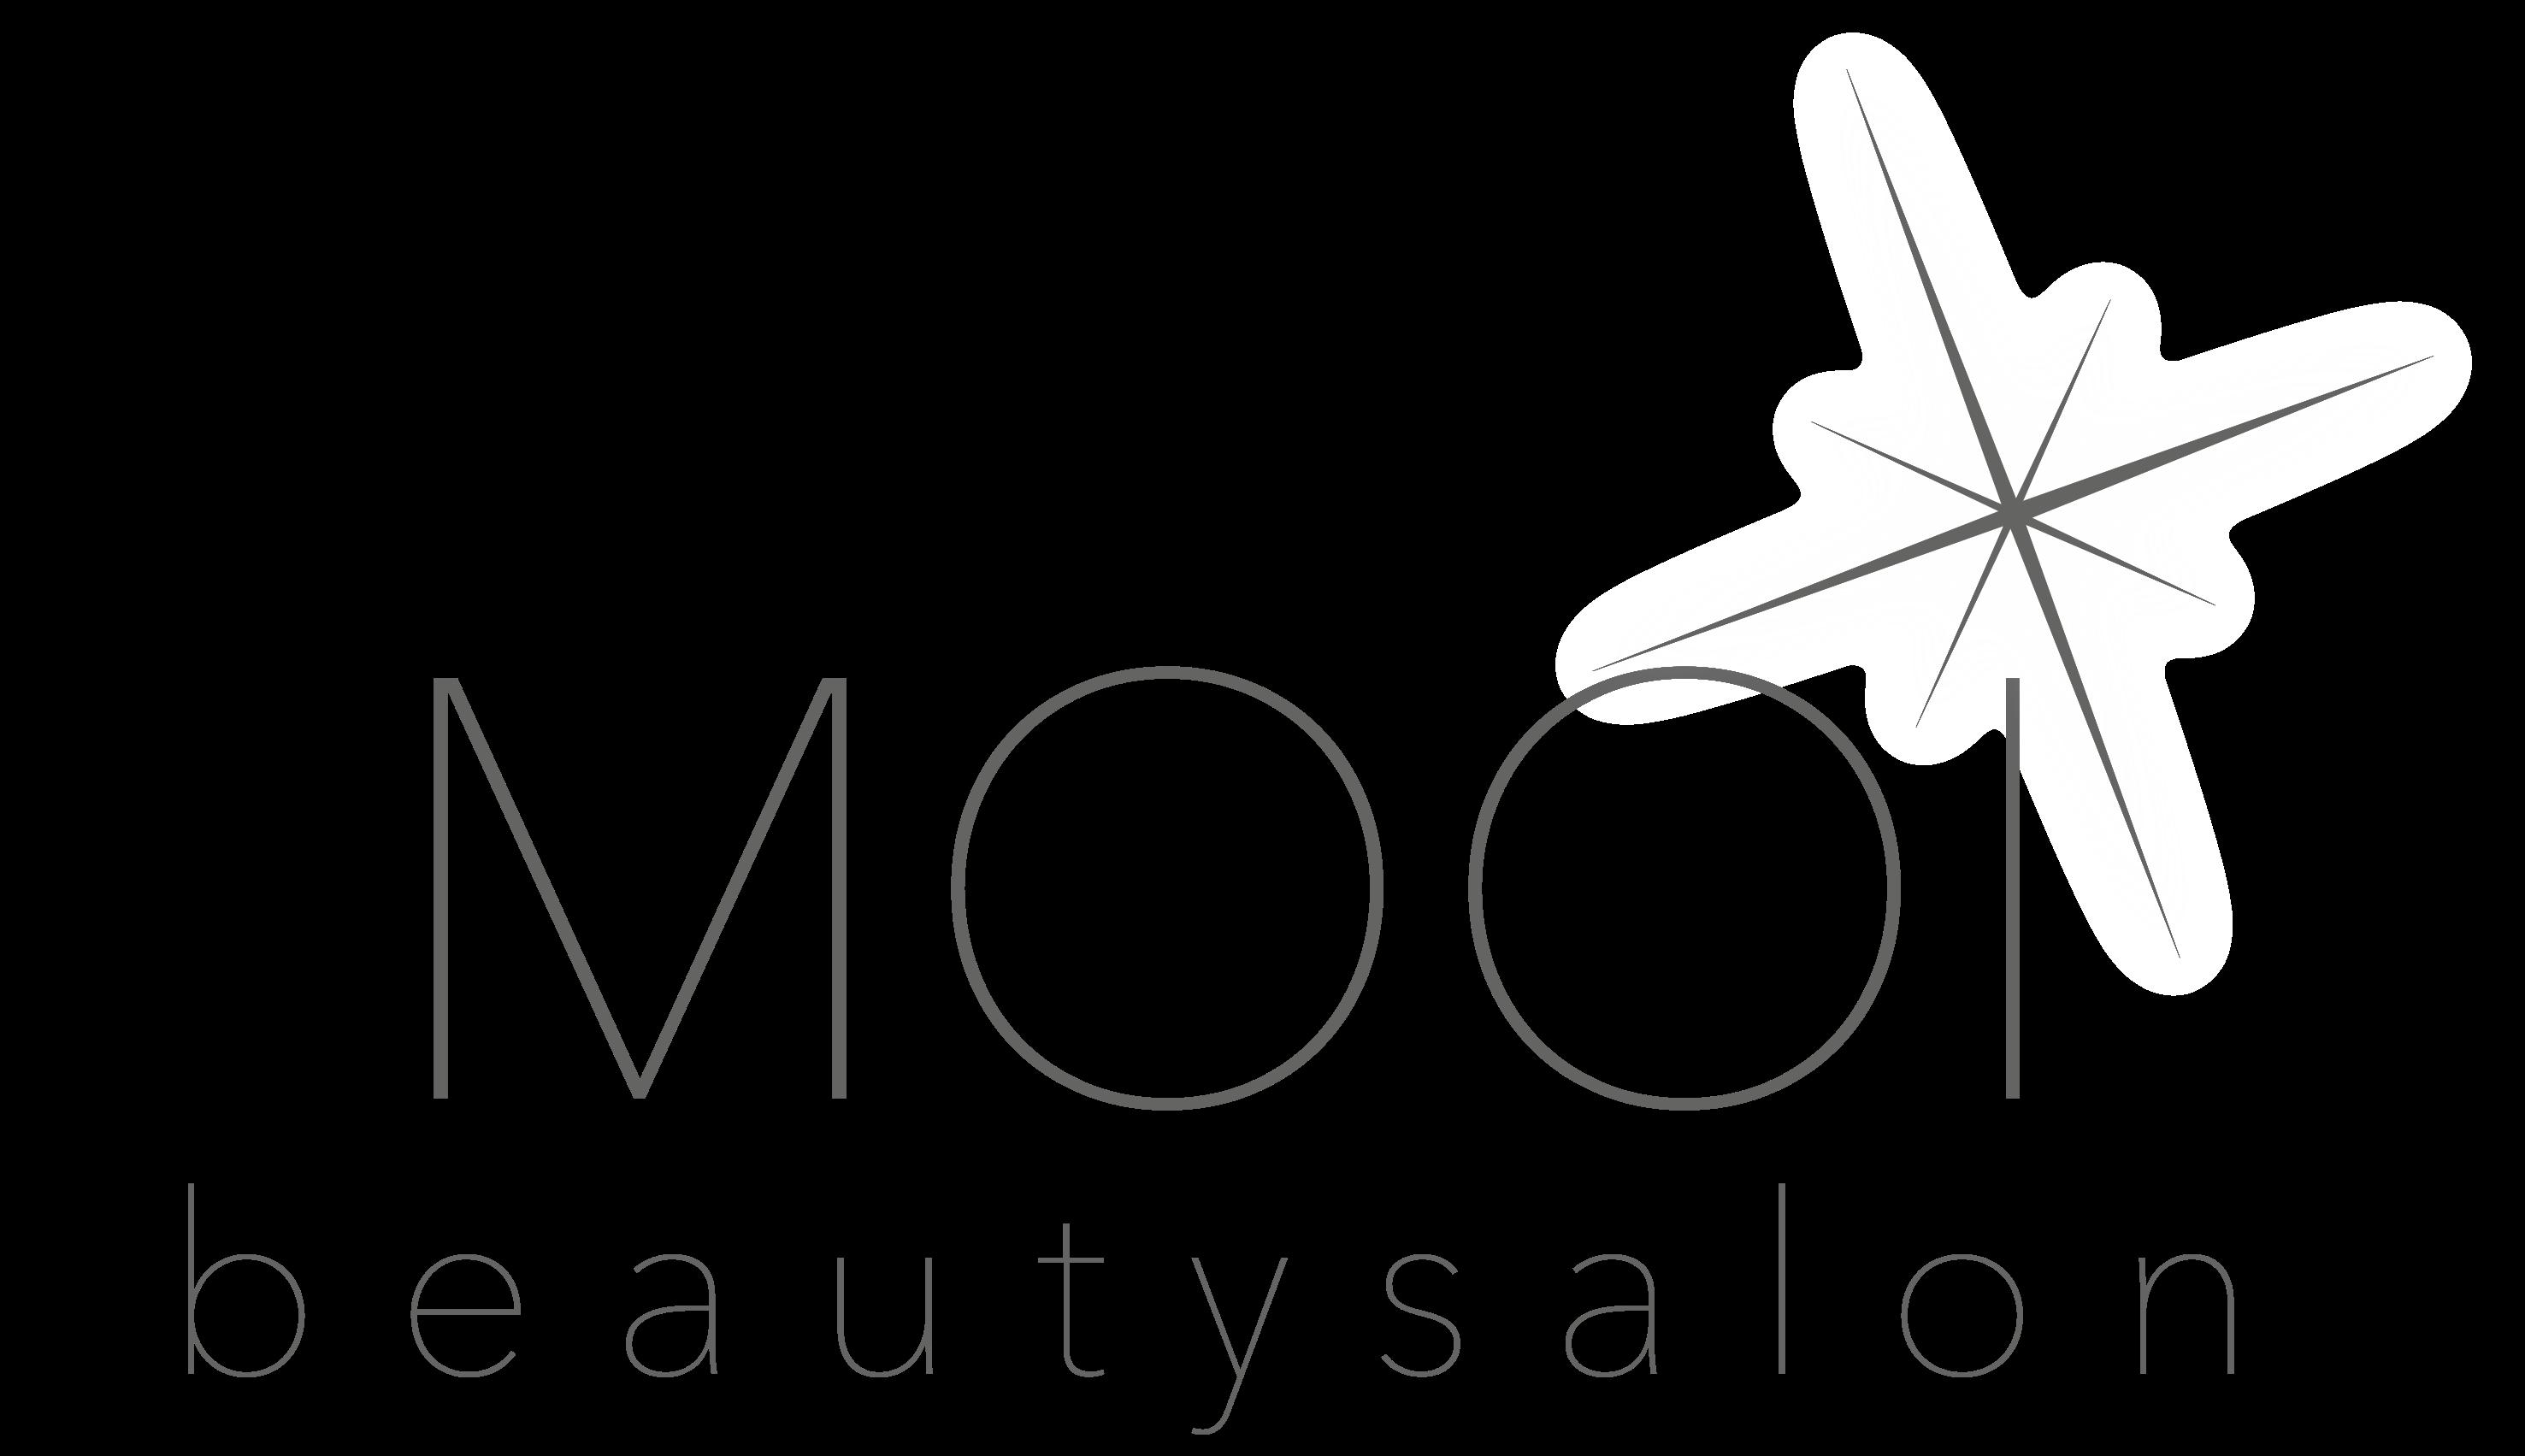 Beautysalon Mooi Ammerzoden